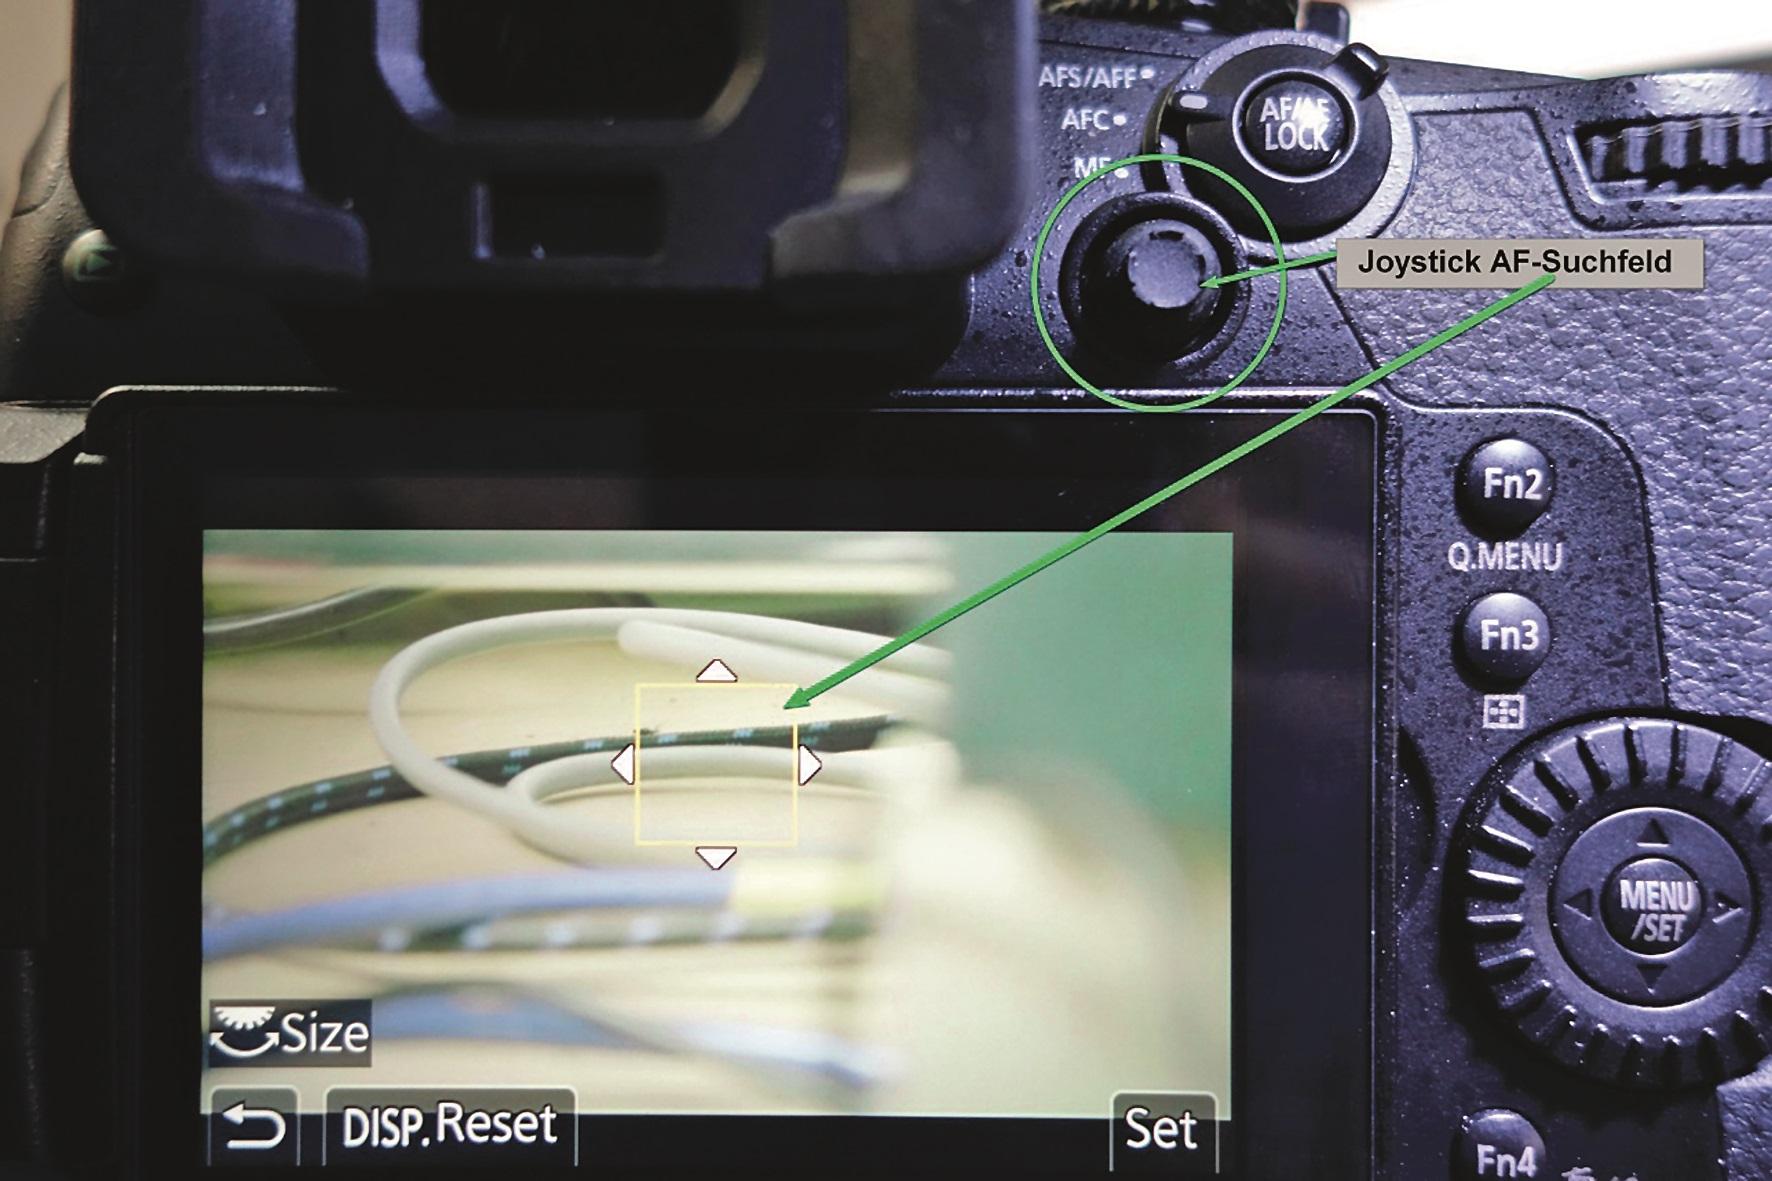 Unterstützend eingreifen kann man durch Halbdurchdrücken des Auslösers, sodass die Autofokus-Auslösung erzwungen wird.